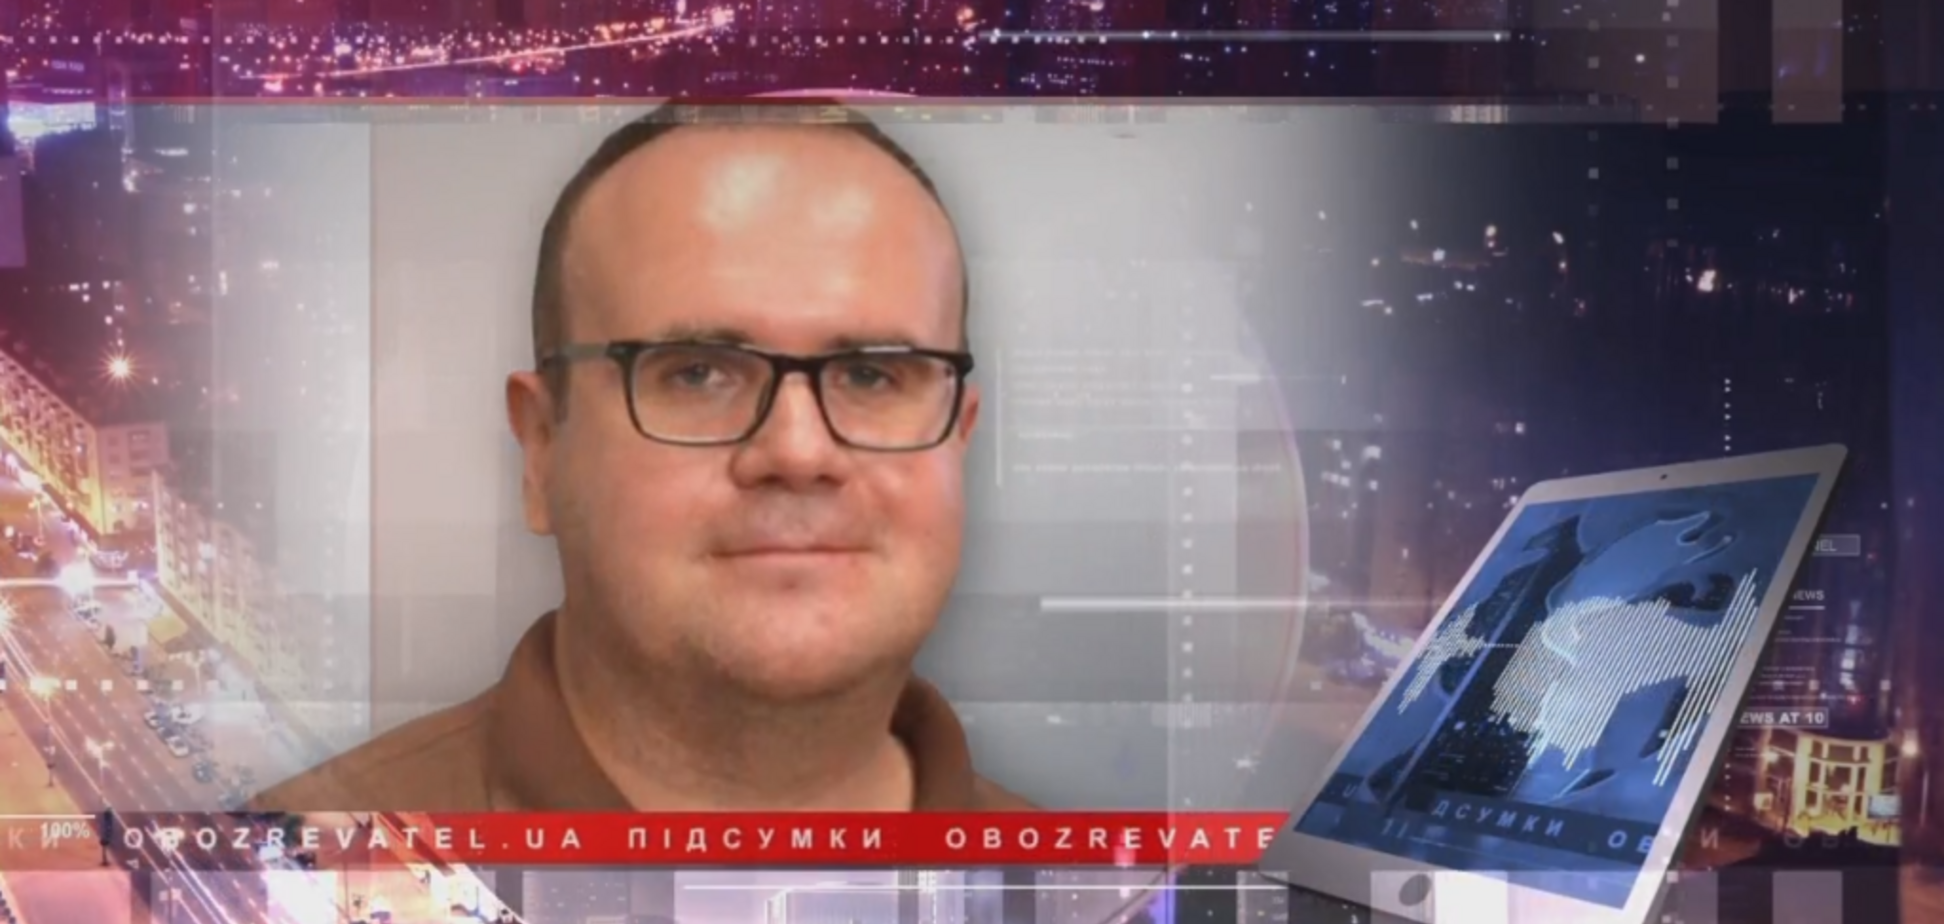 ''Обнаружили'' на Донбассе британцев, ''найдут'' там же и ''Новичок'' – эксперт о пропагандистском скандале в России